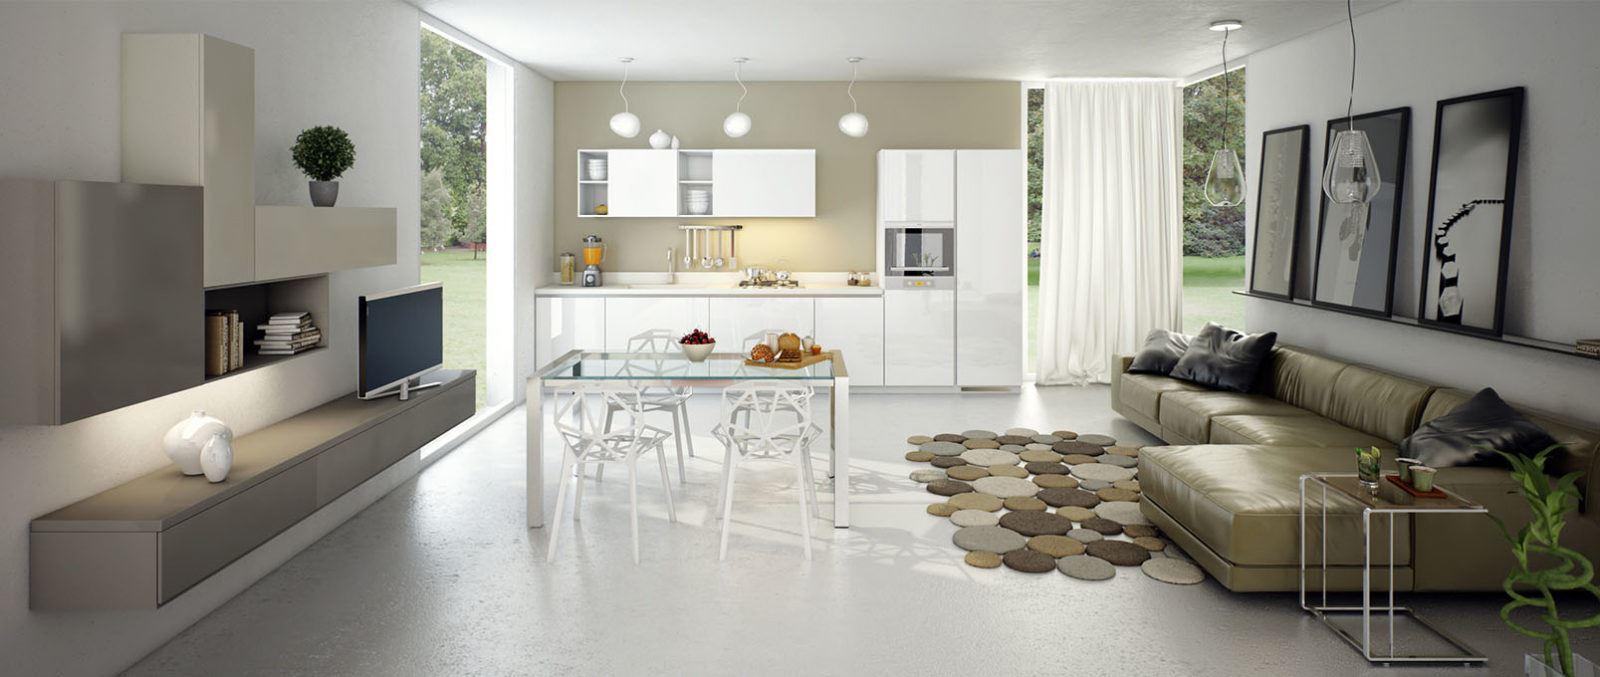 Negozi cucine padova cucine with negozi cucine padova for Crescente arredamenti mestre